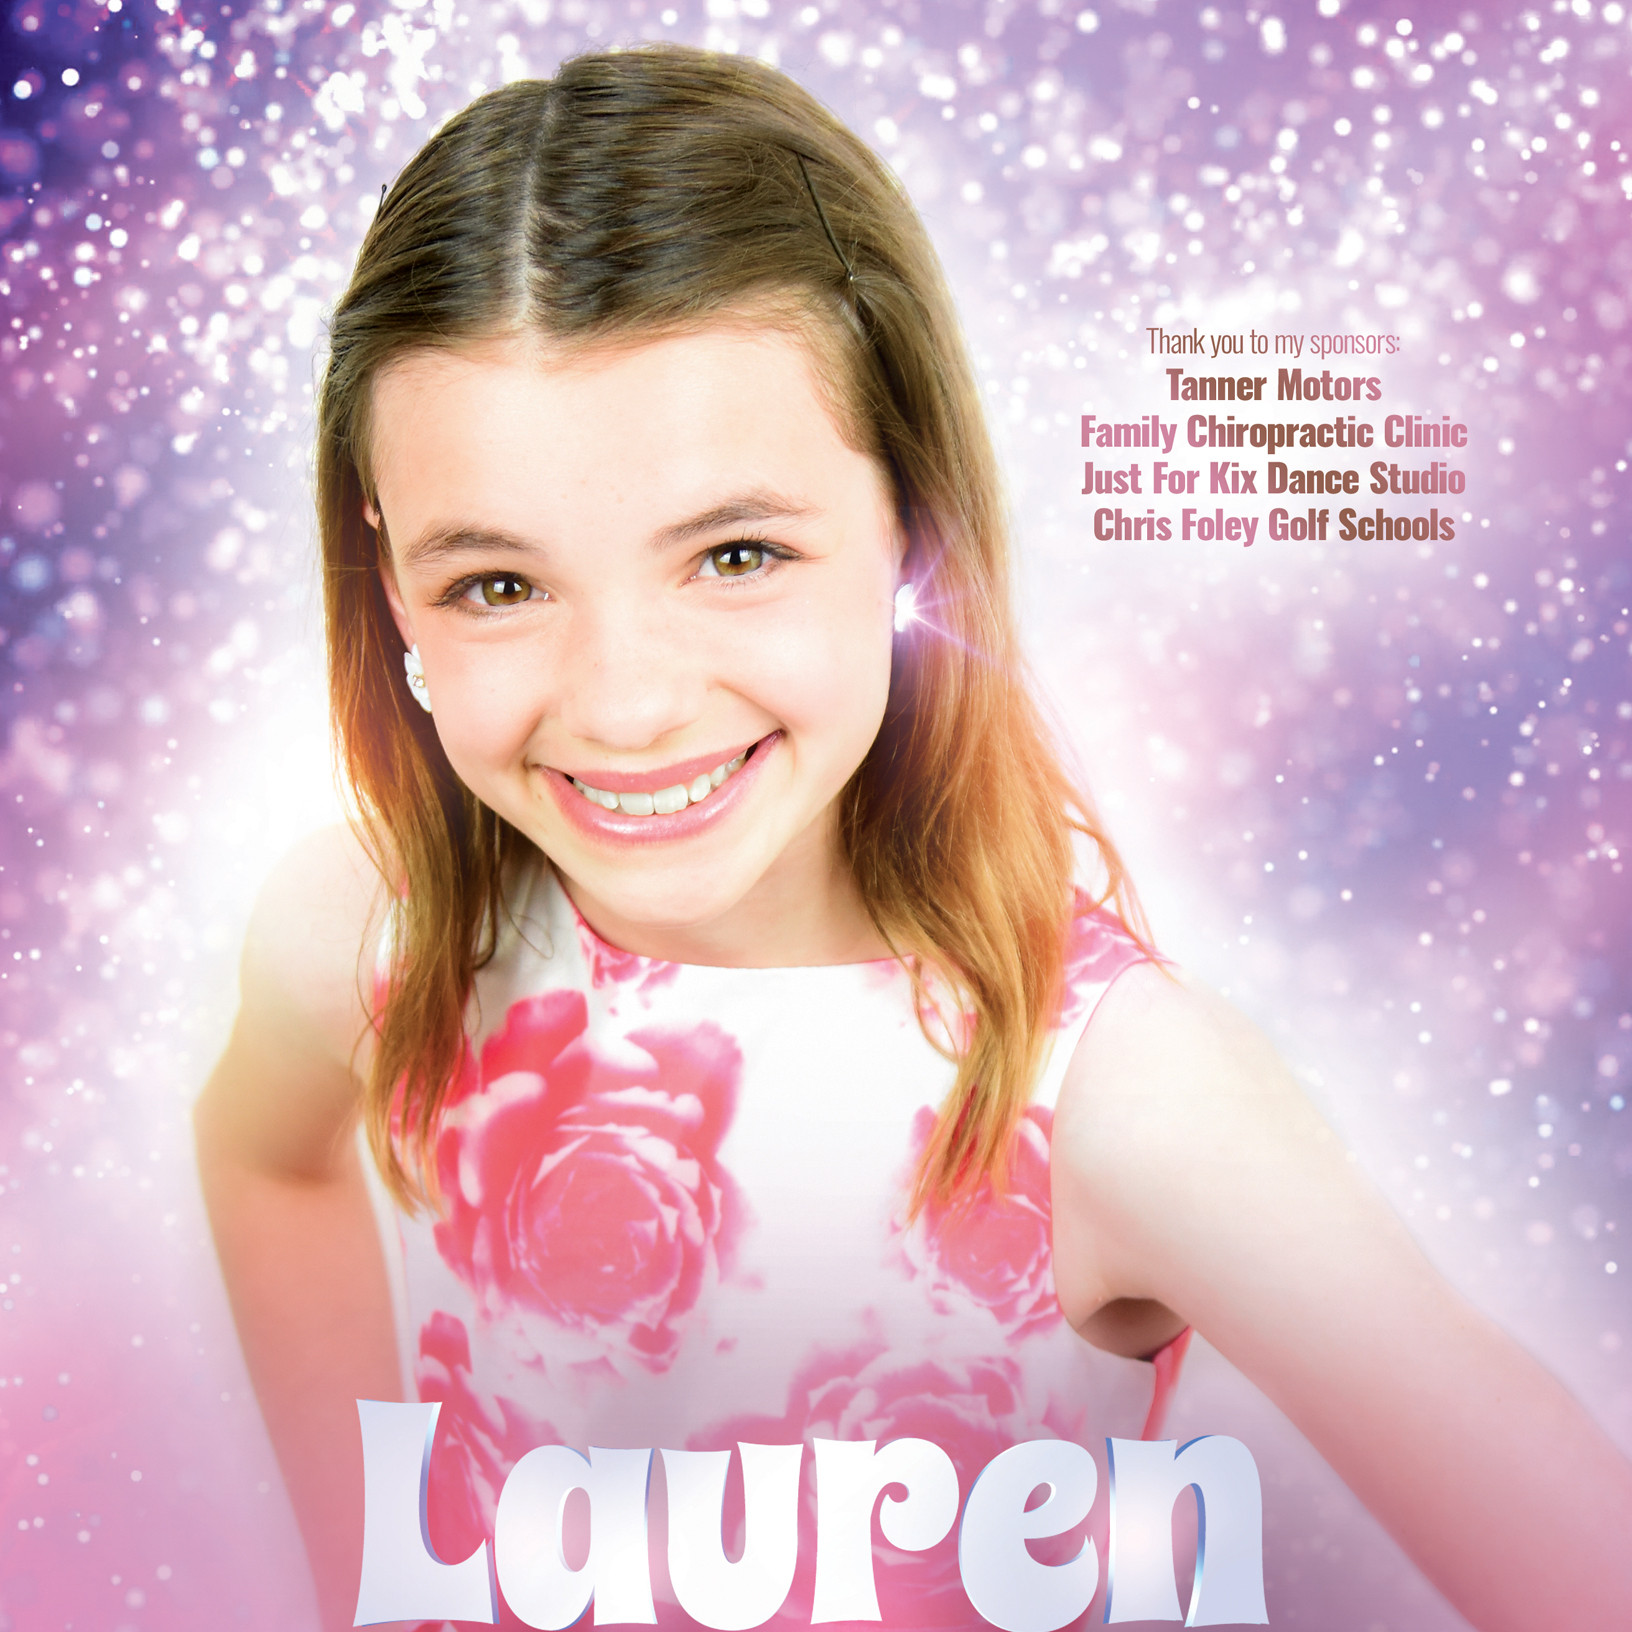 Lauren Hand